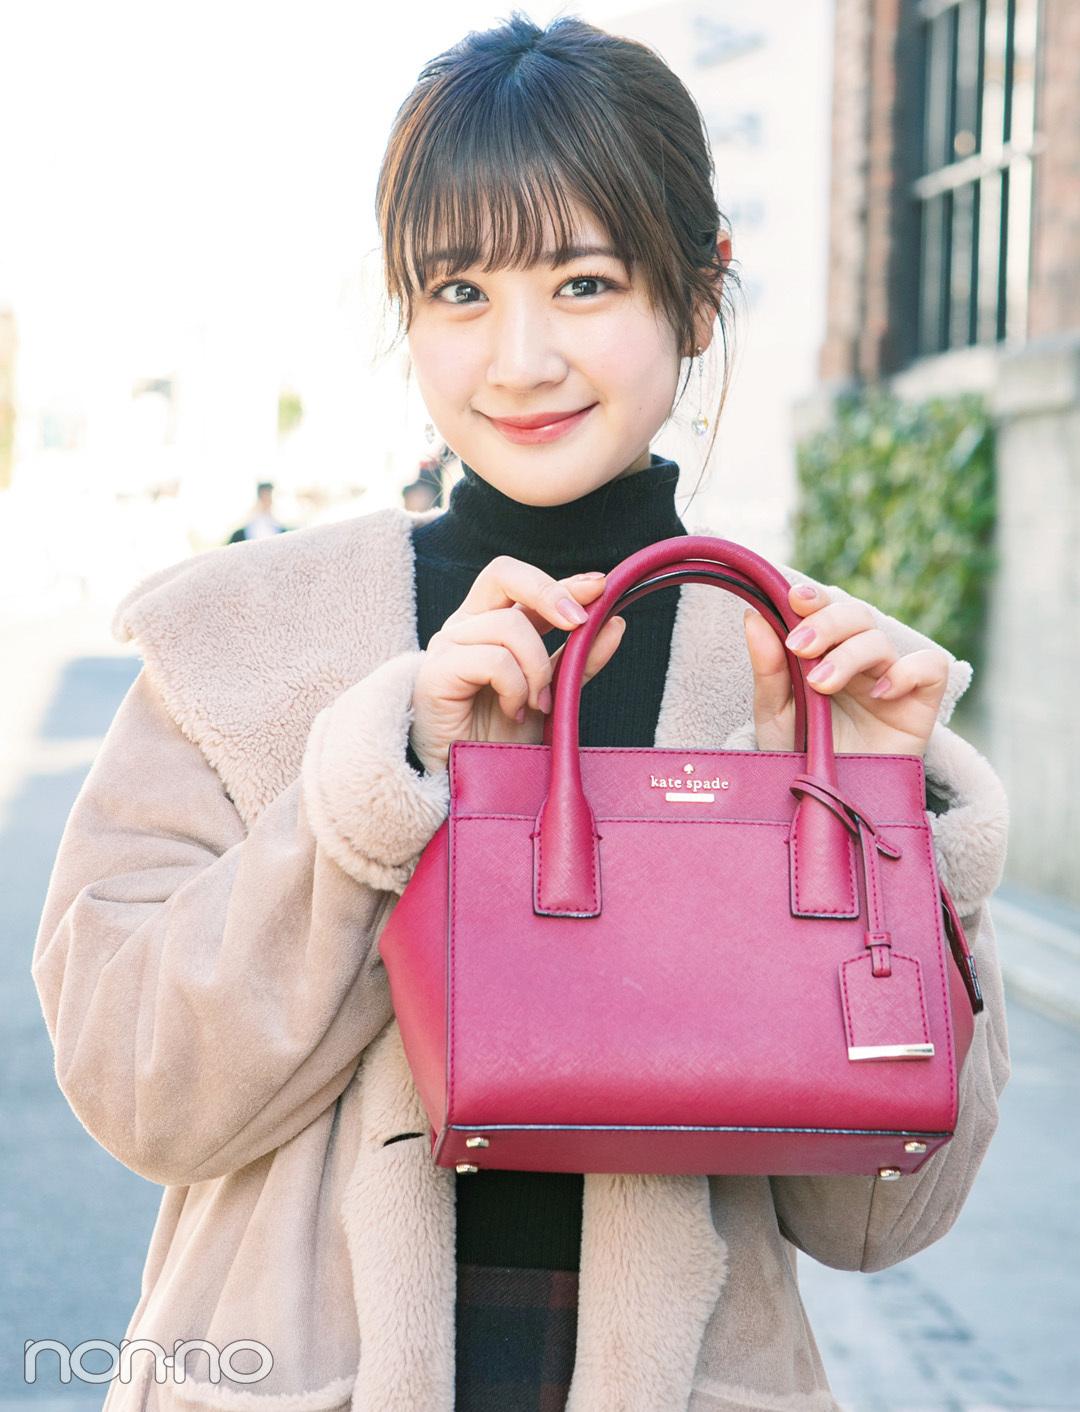 ノンノ専属読者モデルの愛用ブランドバッグ、見せて!【カワイイ選抜】_1_2